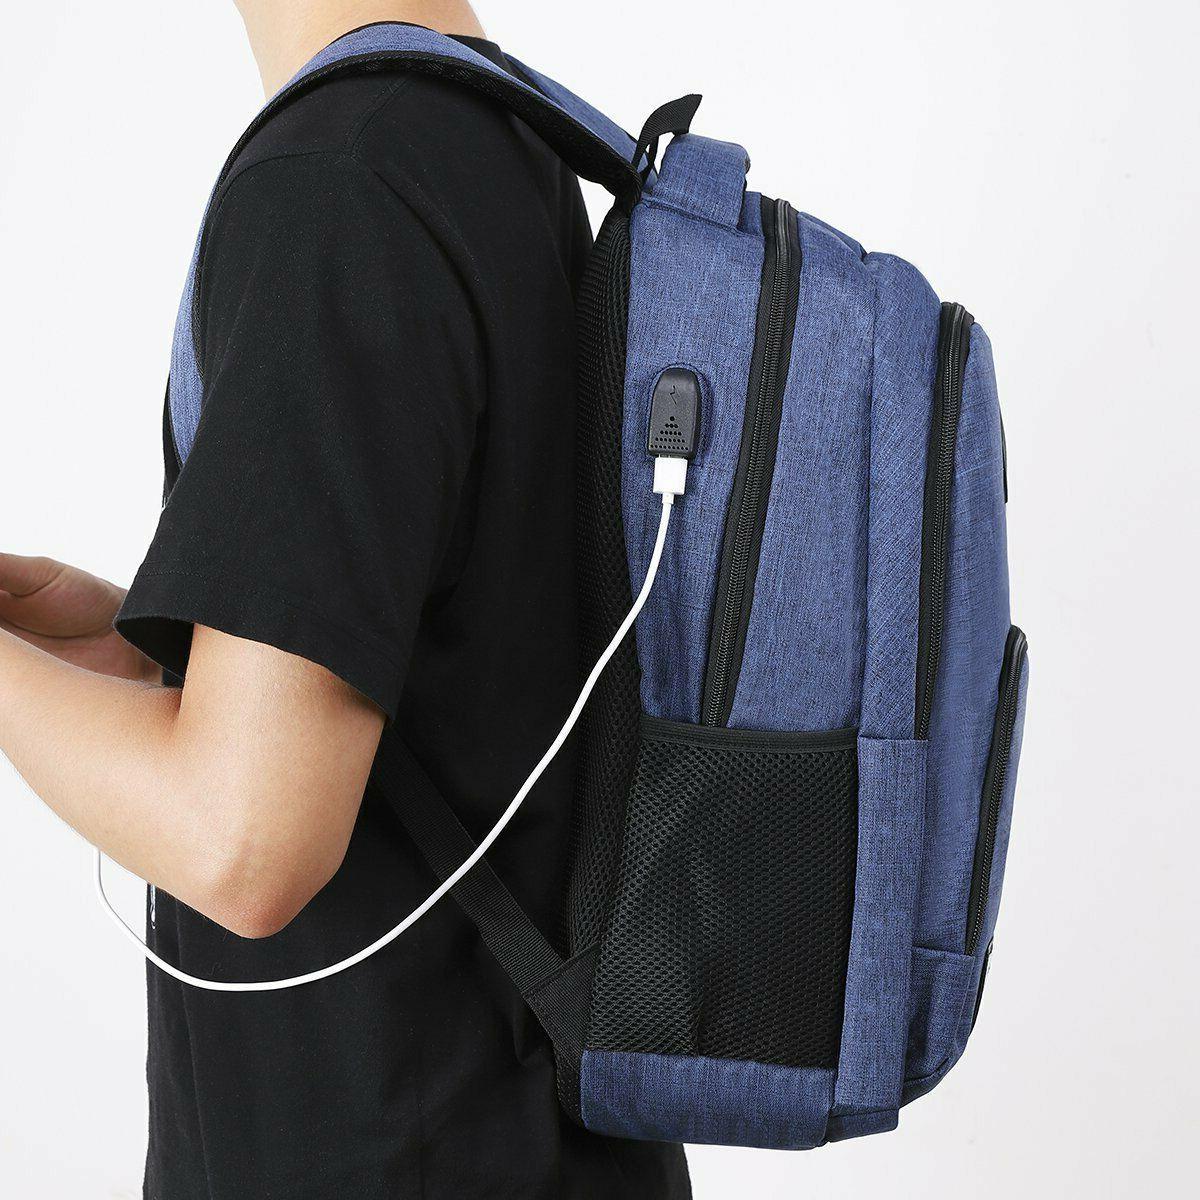 Laptop Backpack 15.6 Computer School